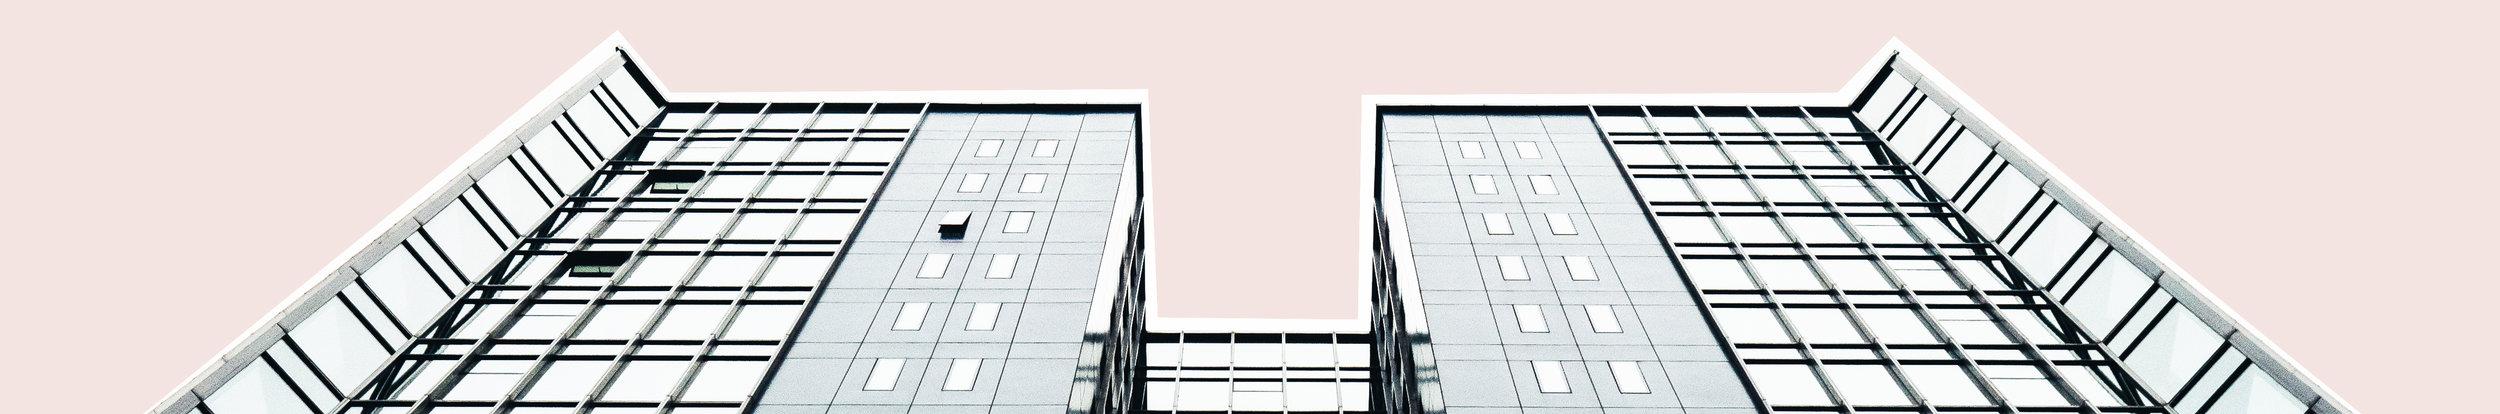 studio fresia architettura mondovì  sicurezza cantieri geometri edilizia servizi architettura piemonte.jpg